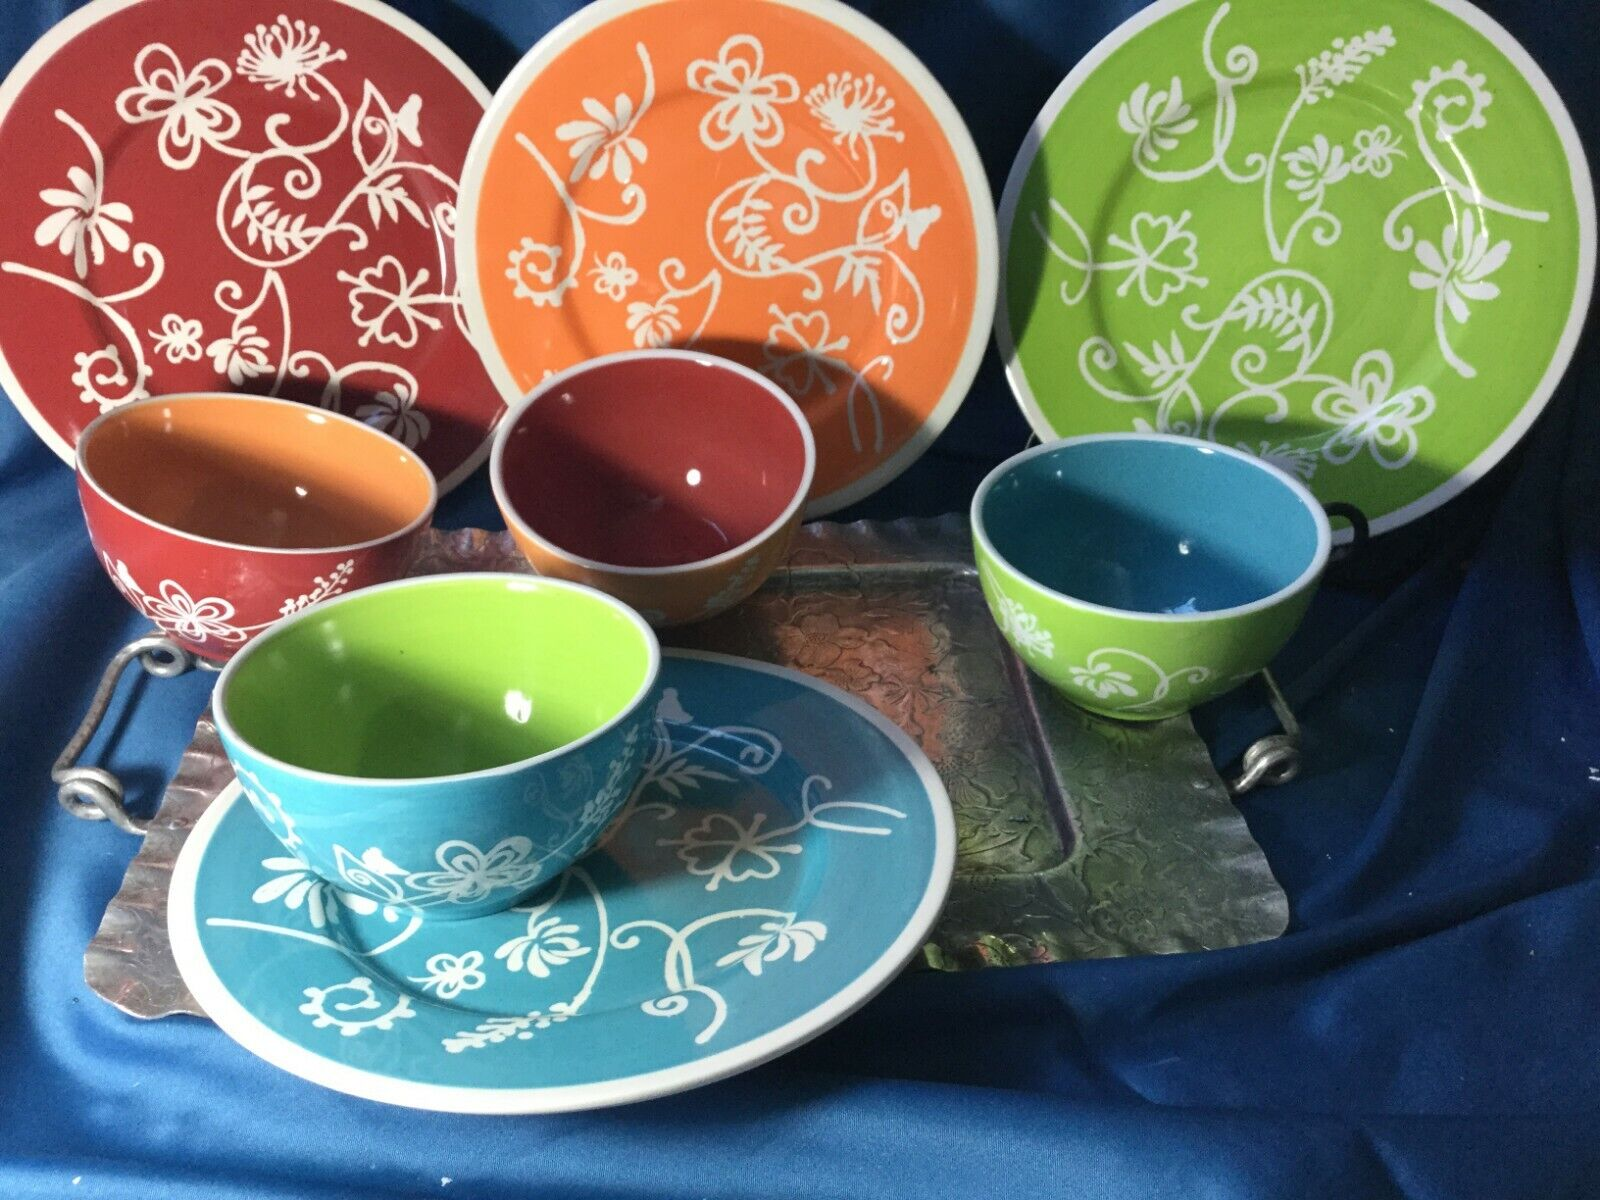 RARE LTD Commodities Grès Couleurs Assorties 16 Pièces Vaisselle Assiette Floral